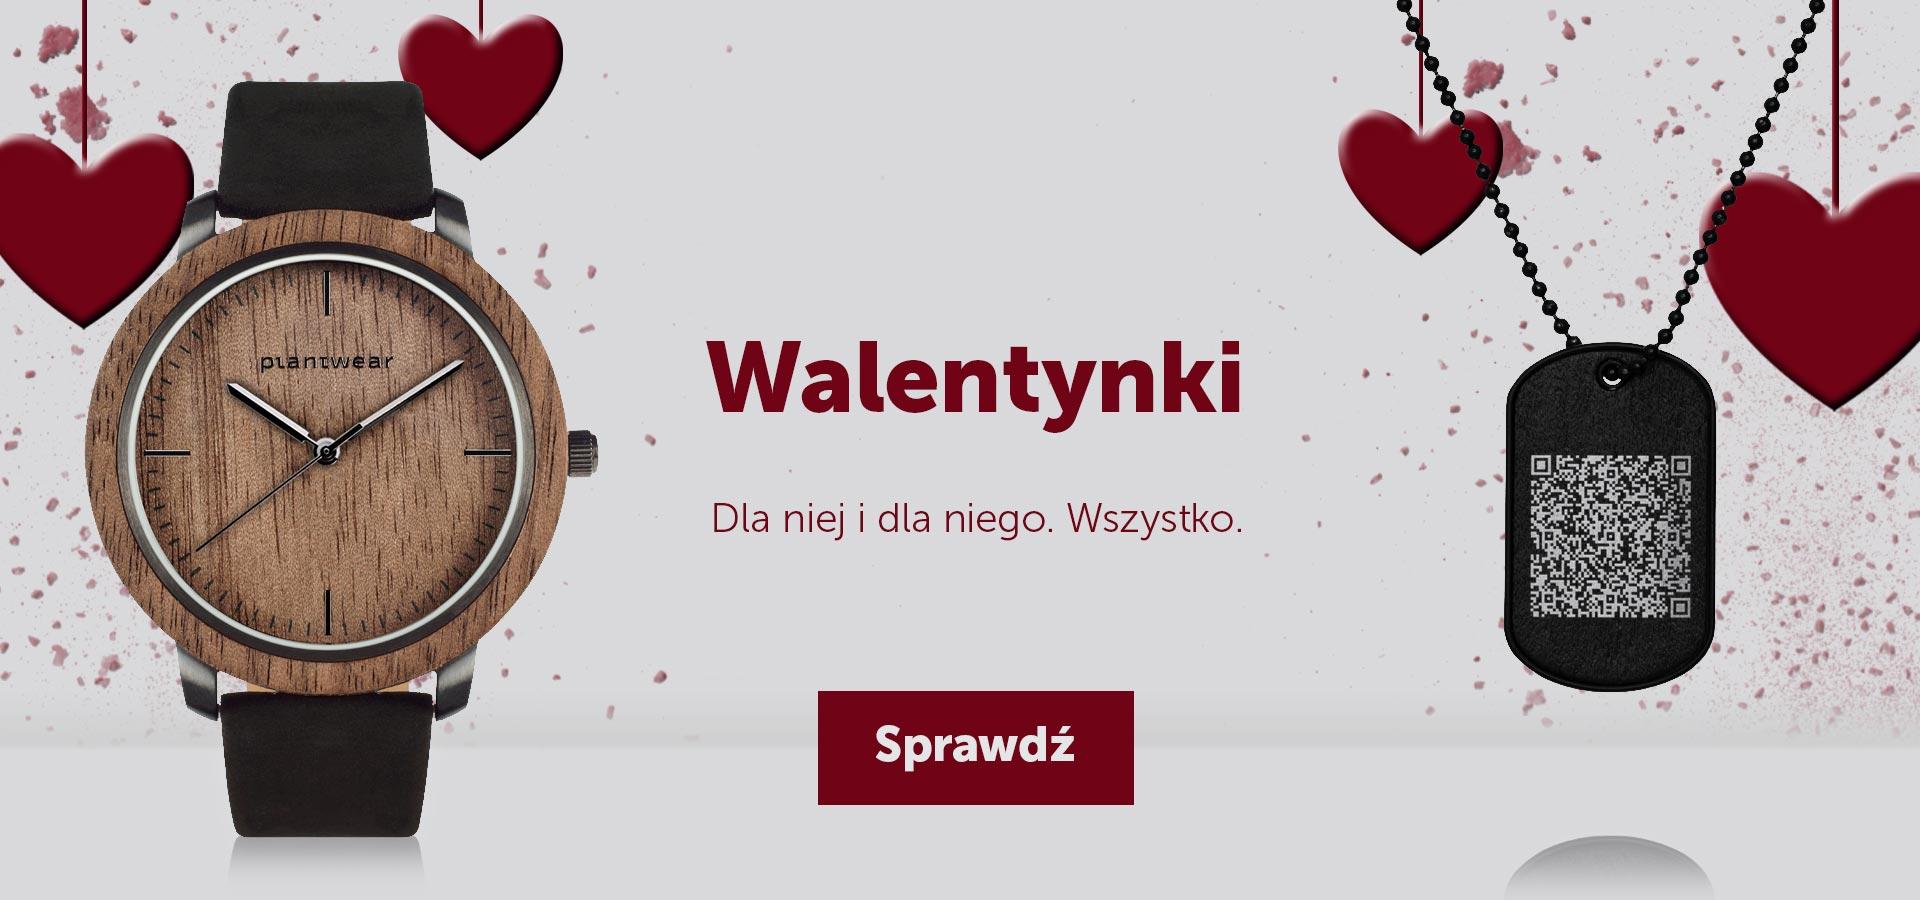 PL_SG_drewniane_zegarki_walentynki_1920x900